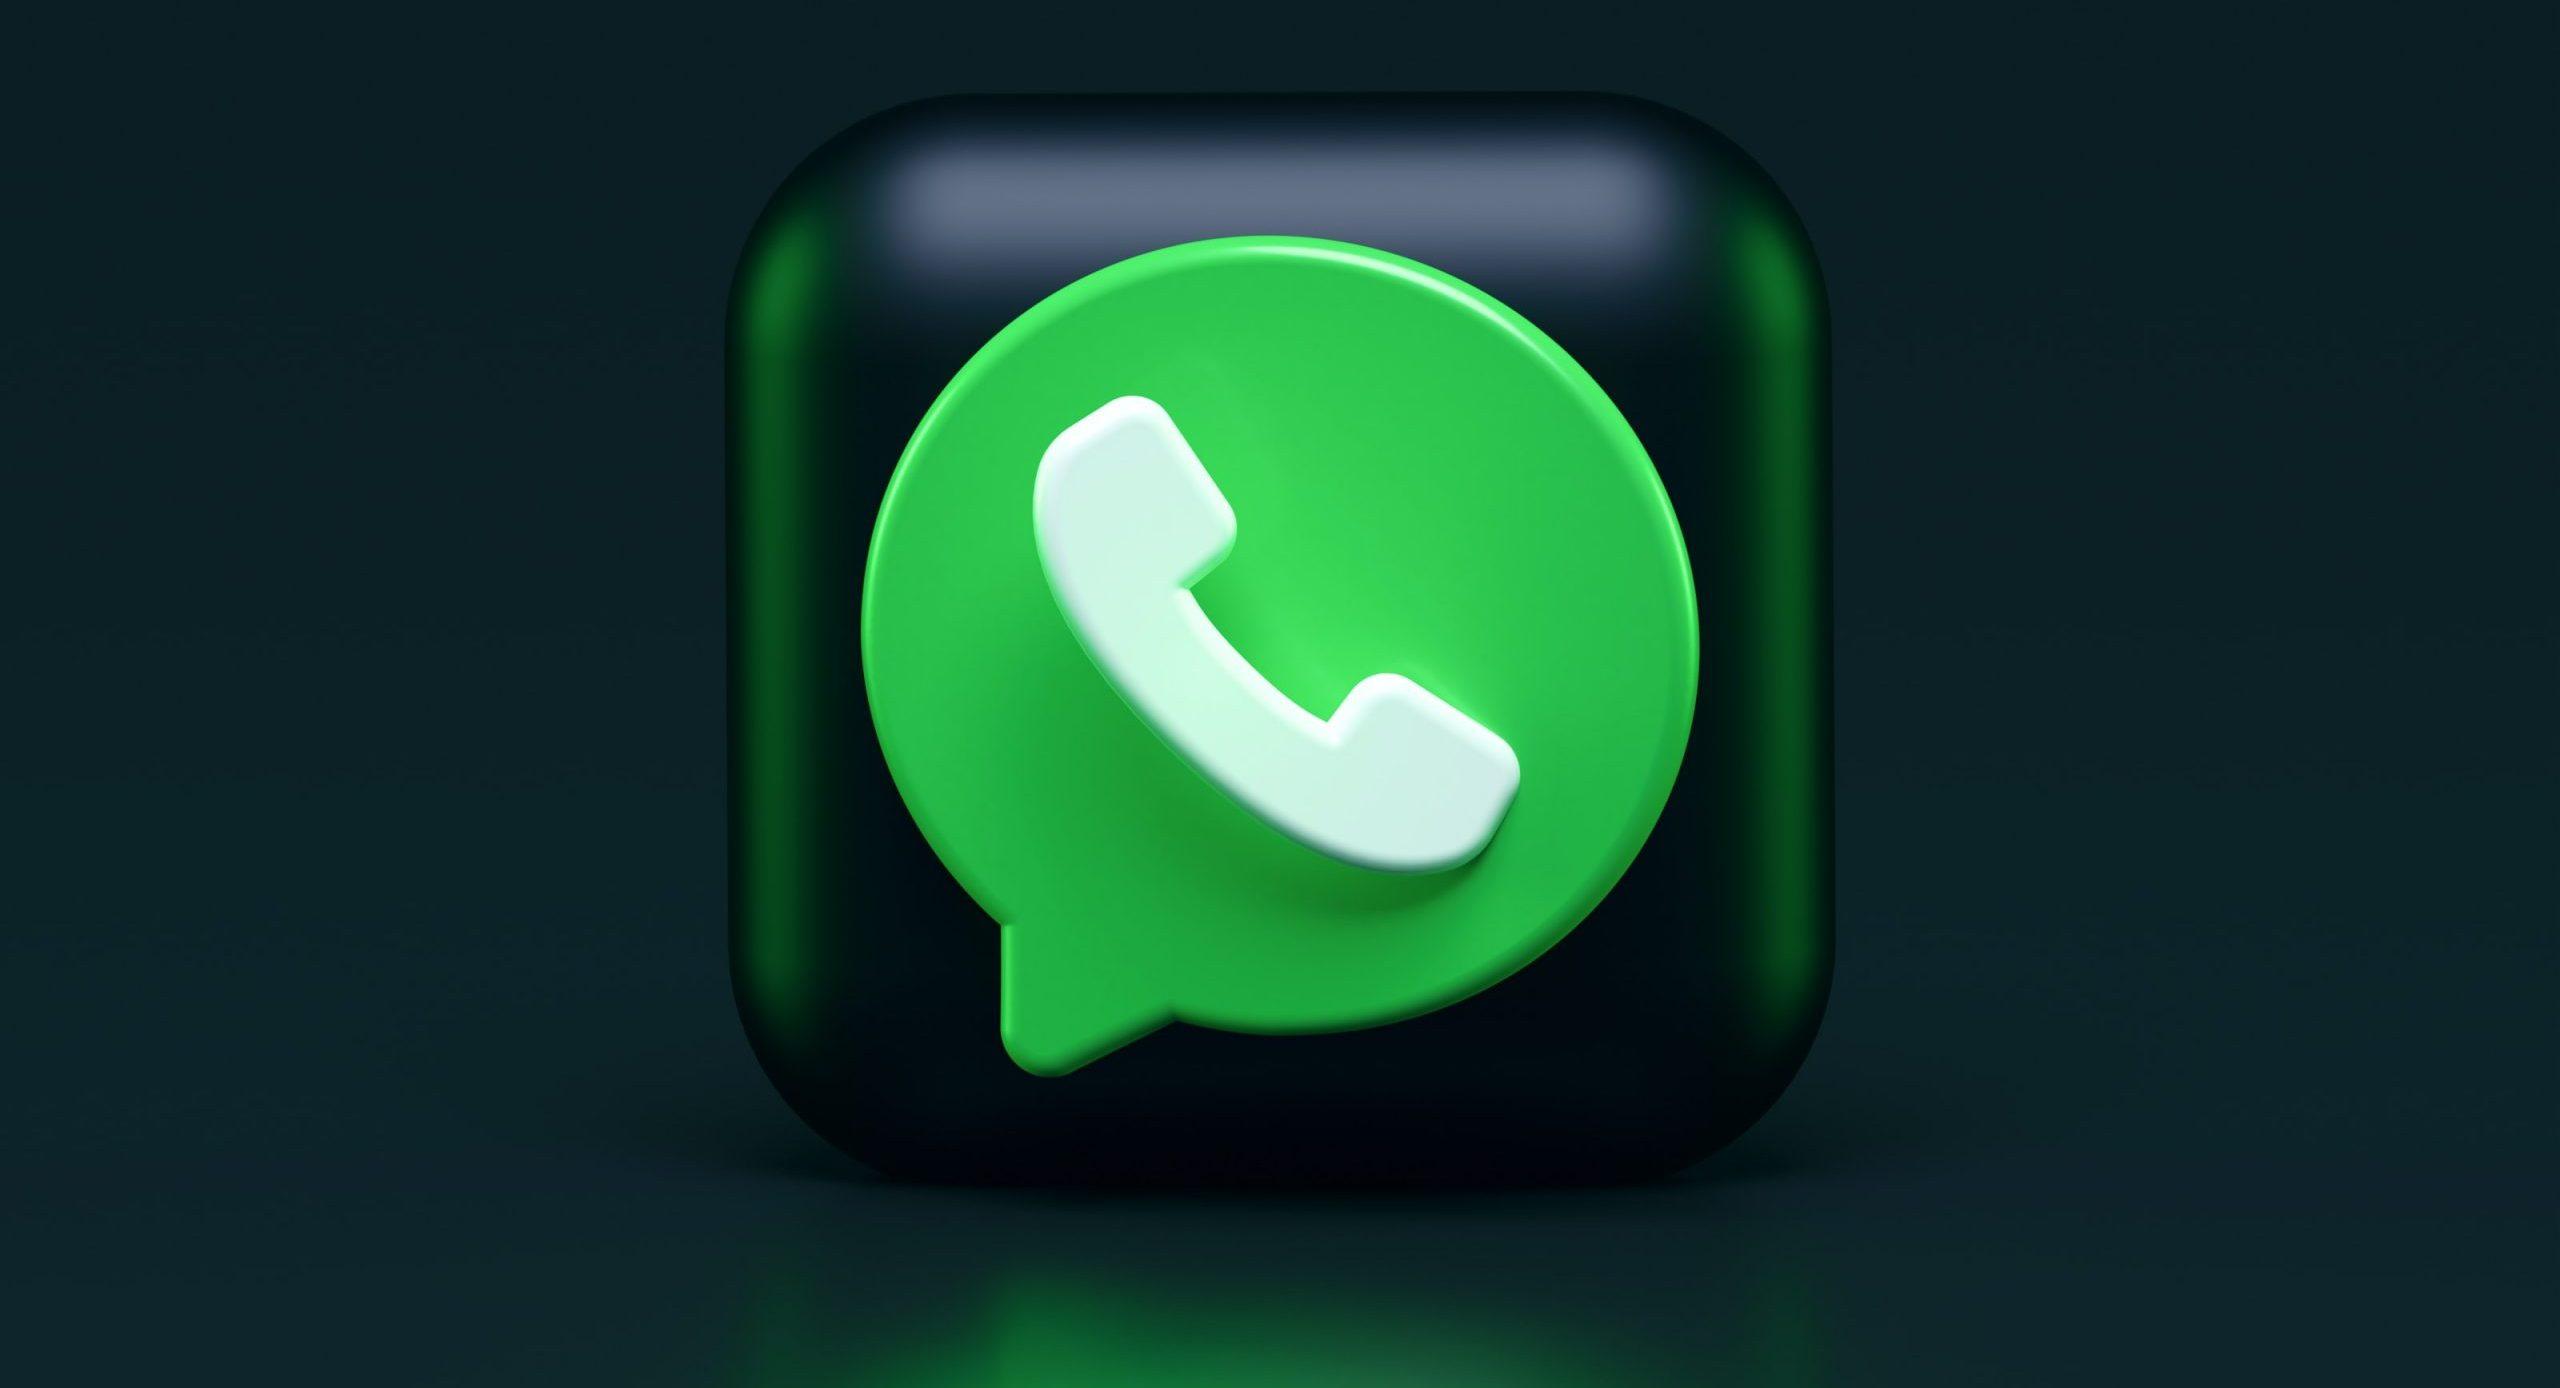 WhatsApp vai permitir partilhar imagens com a qualidade original